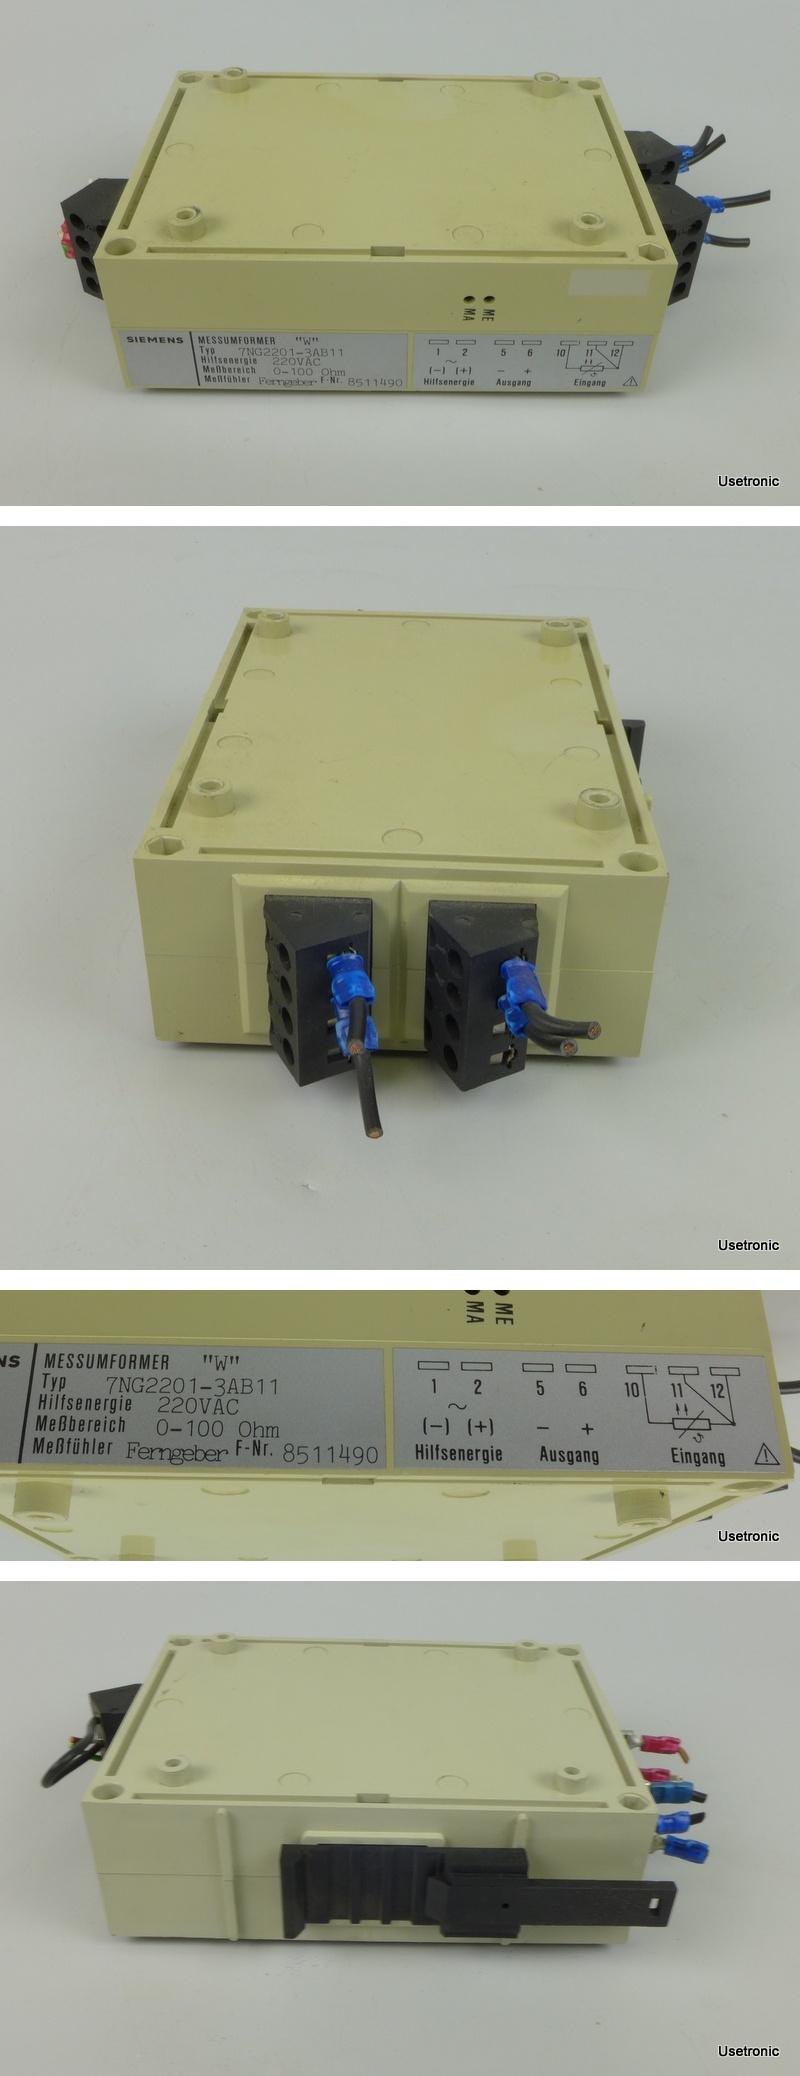 Siemens 7NG2201-3AB11